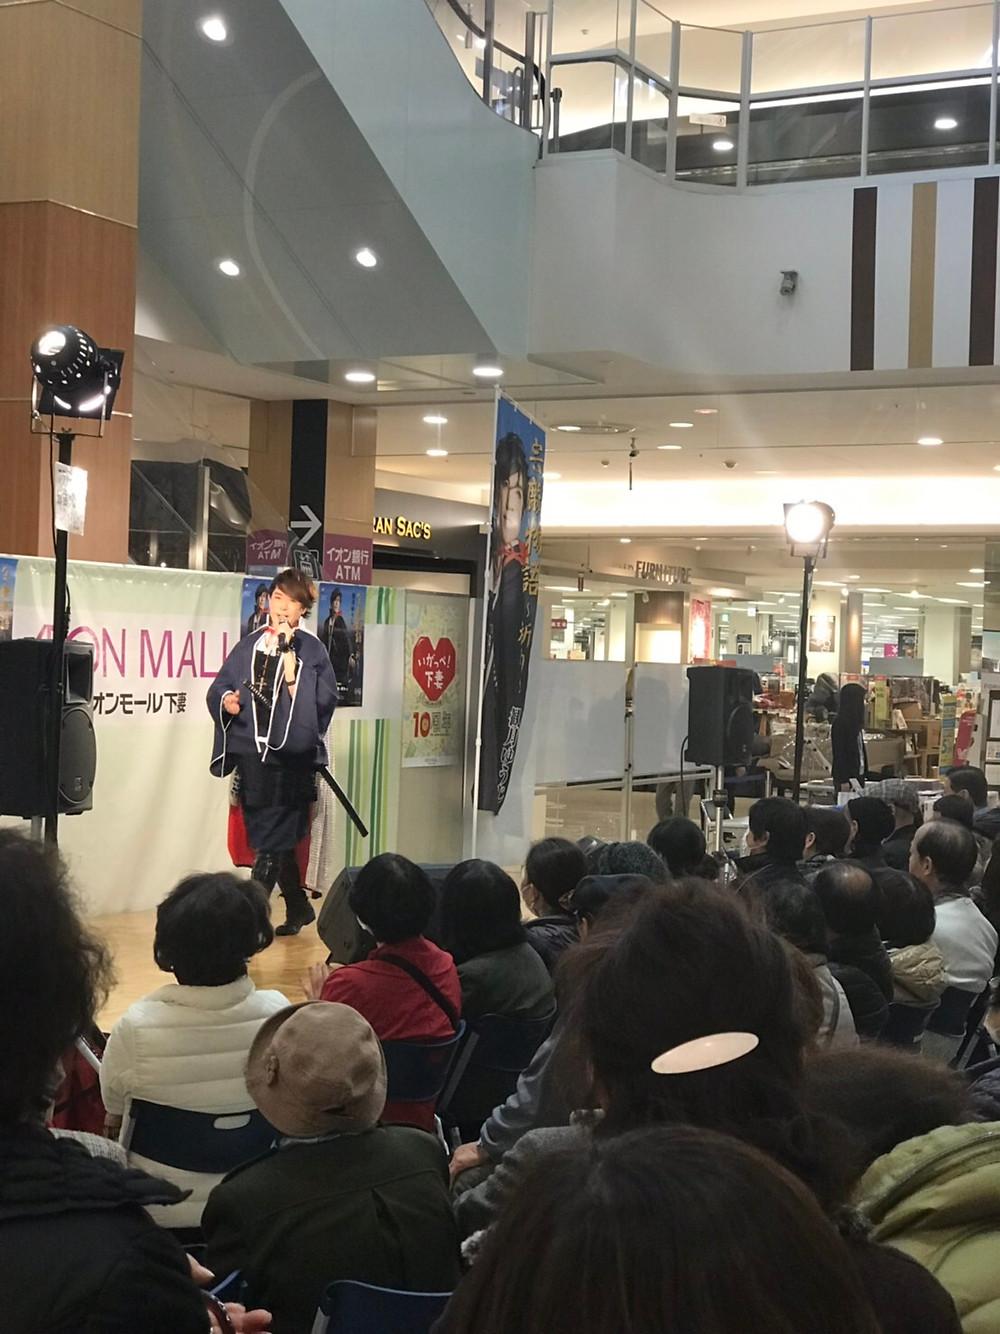 観月ゆうじ新曲インストアライブ/2019年1月29日(火)@ イオンモール下妻